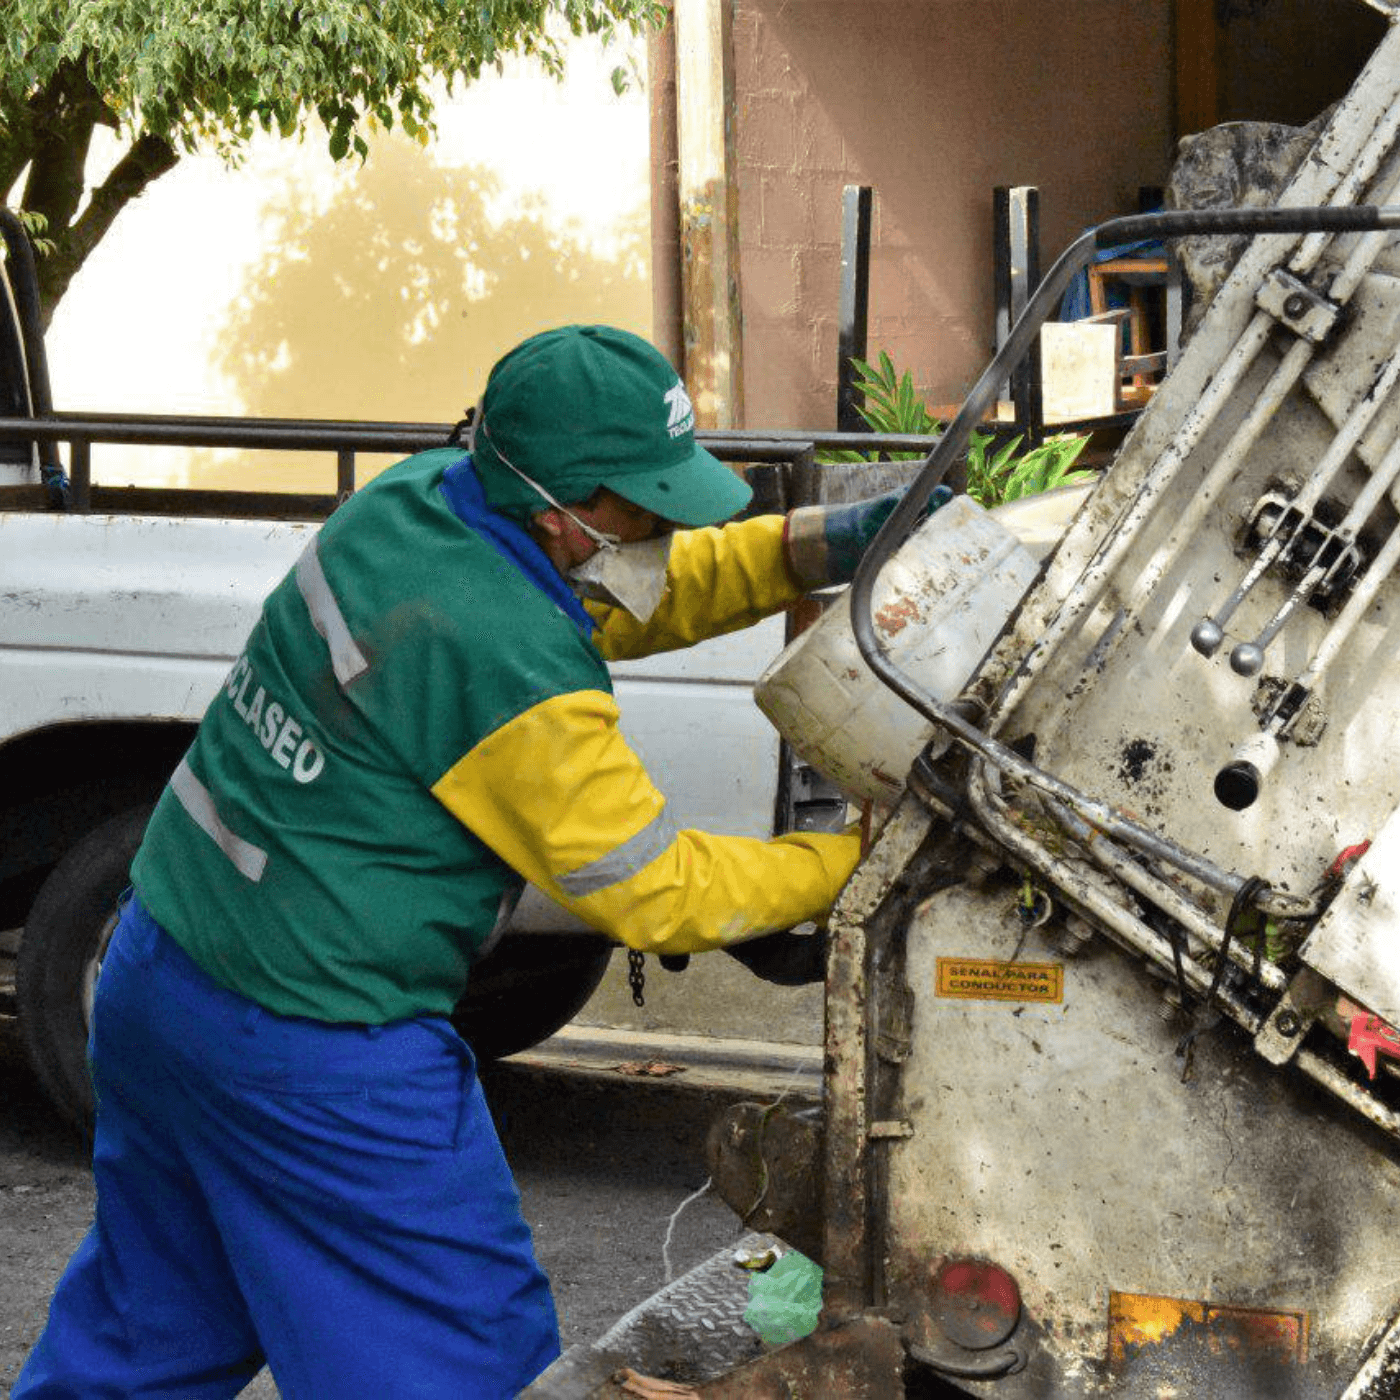 El Sistema De Recogida De Basura En Santa Tecla Las Calles, Más Limpias. Limpieza Teclaseo. Fotografía. Roberto d'Aubuisson. 2021